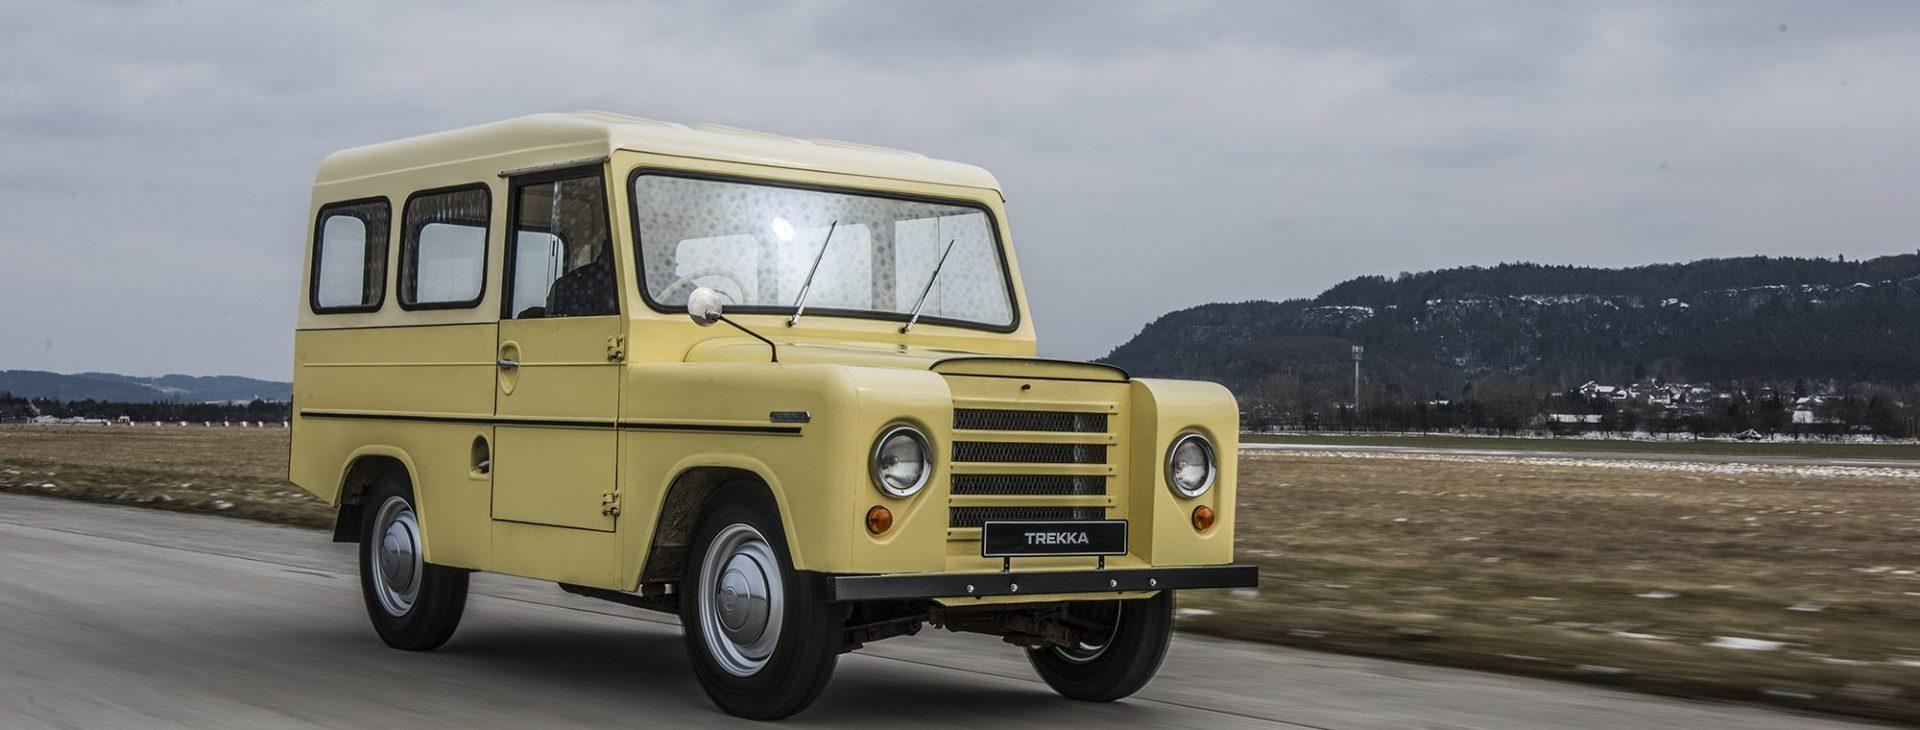 TREKKA: Předchůdce SUV značky ŠKODA byl prvním novozélandským autem